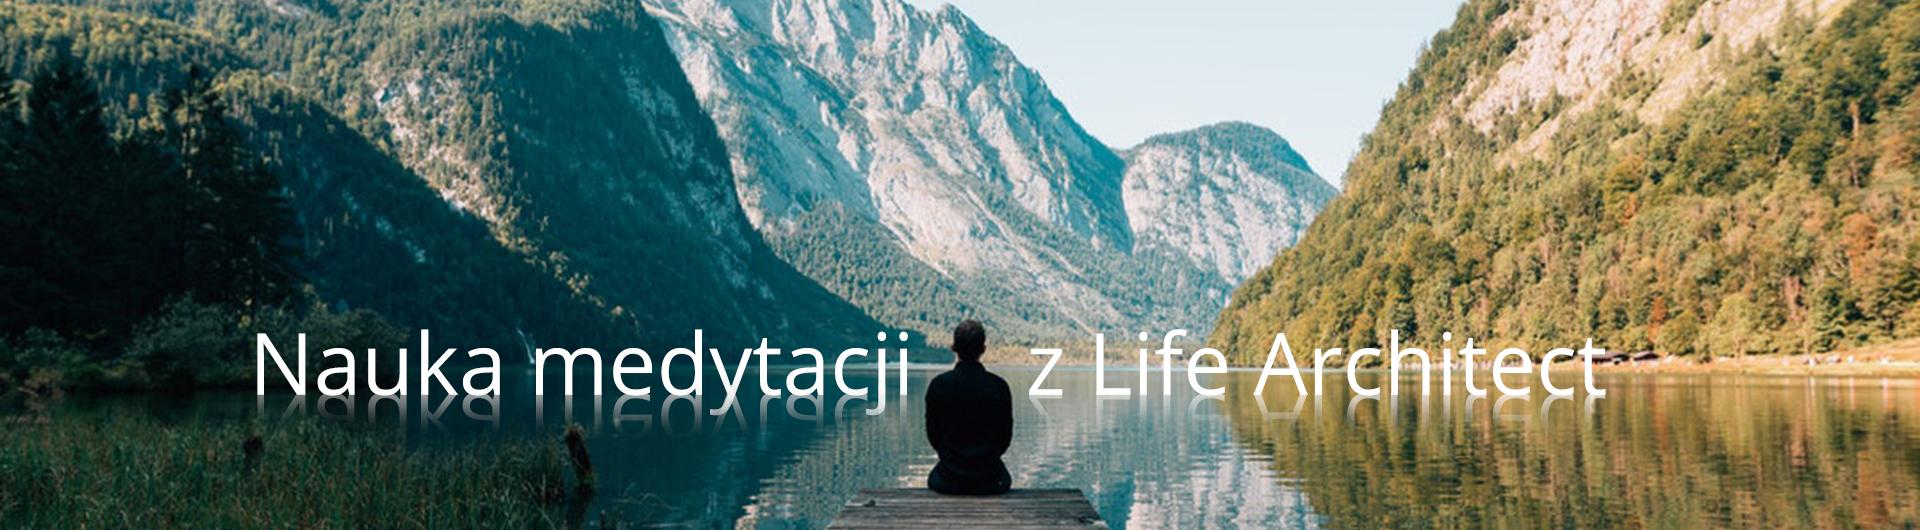 Nauka medytacji 4